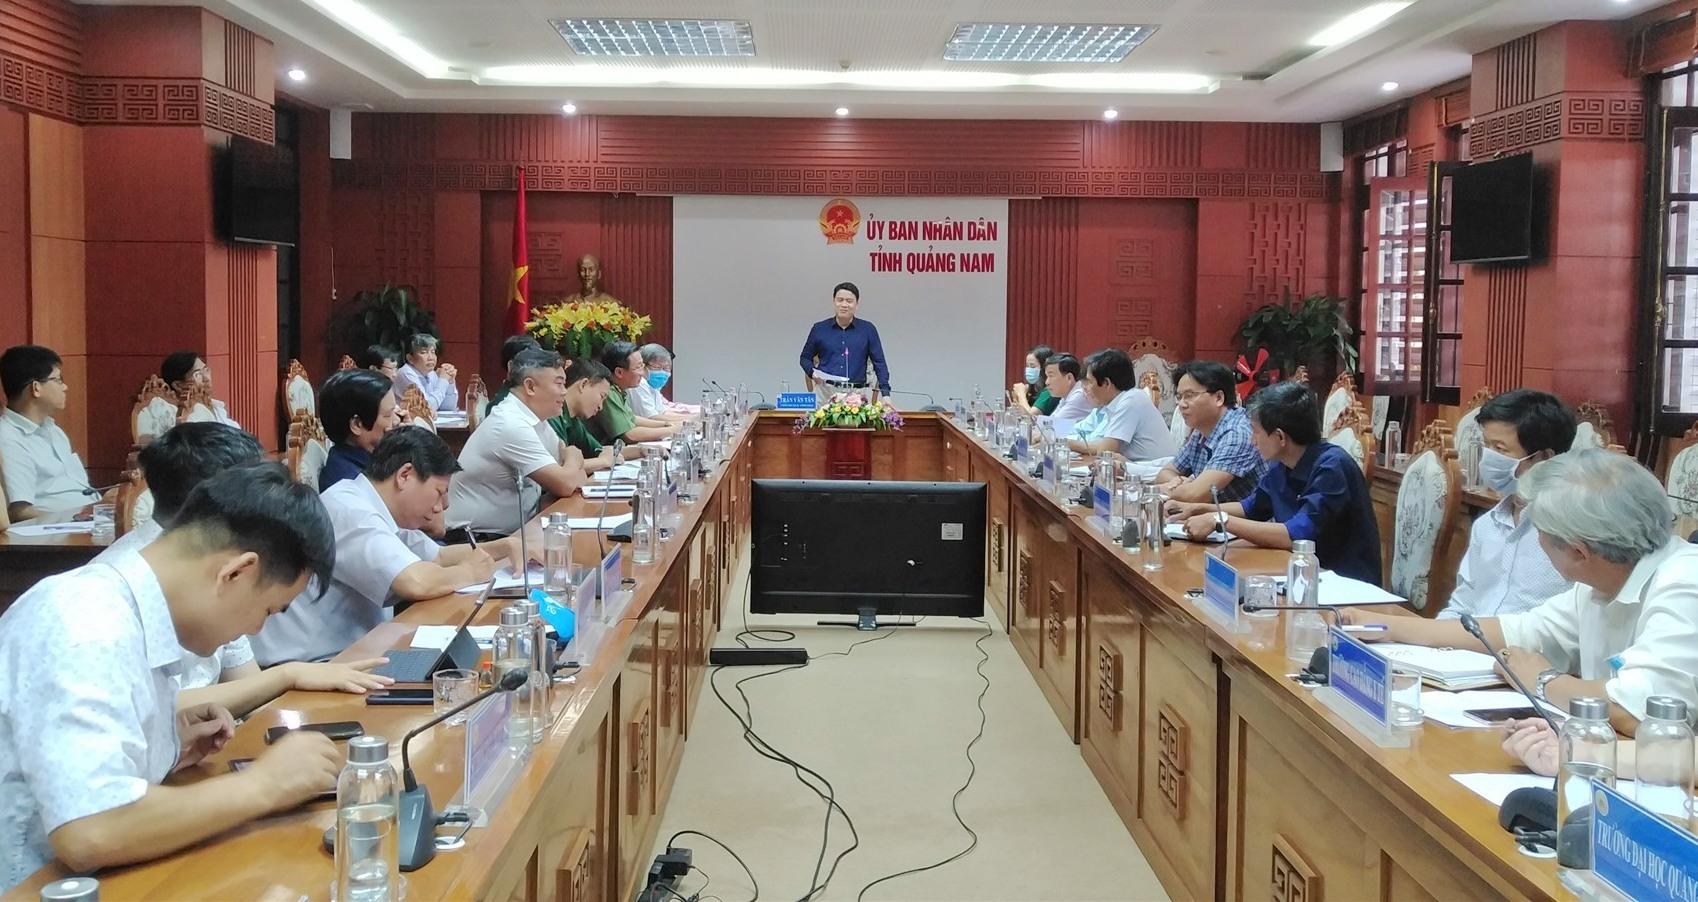 Phó Chủ tịch UBND tỉnh chủ trì cuộc họp. Ảnh: M.L